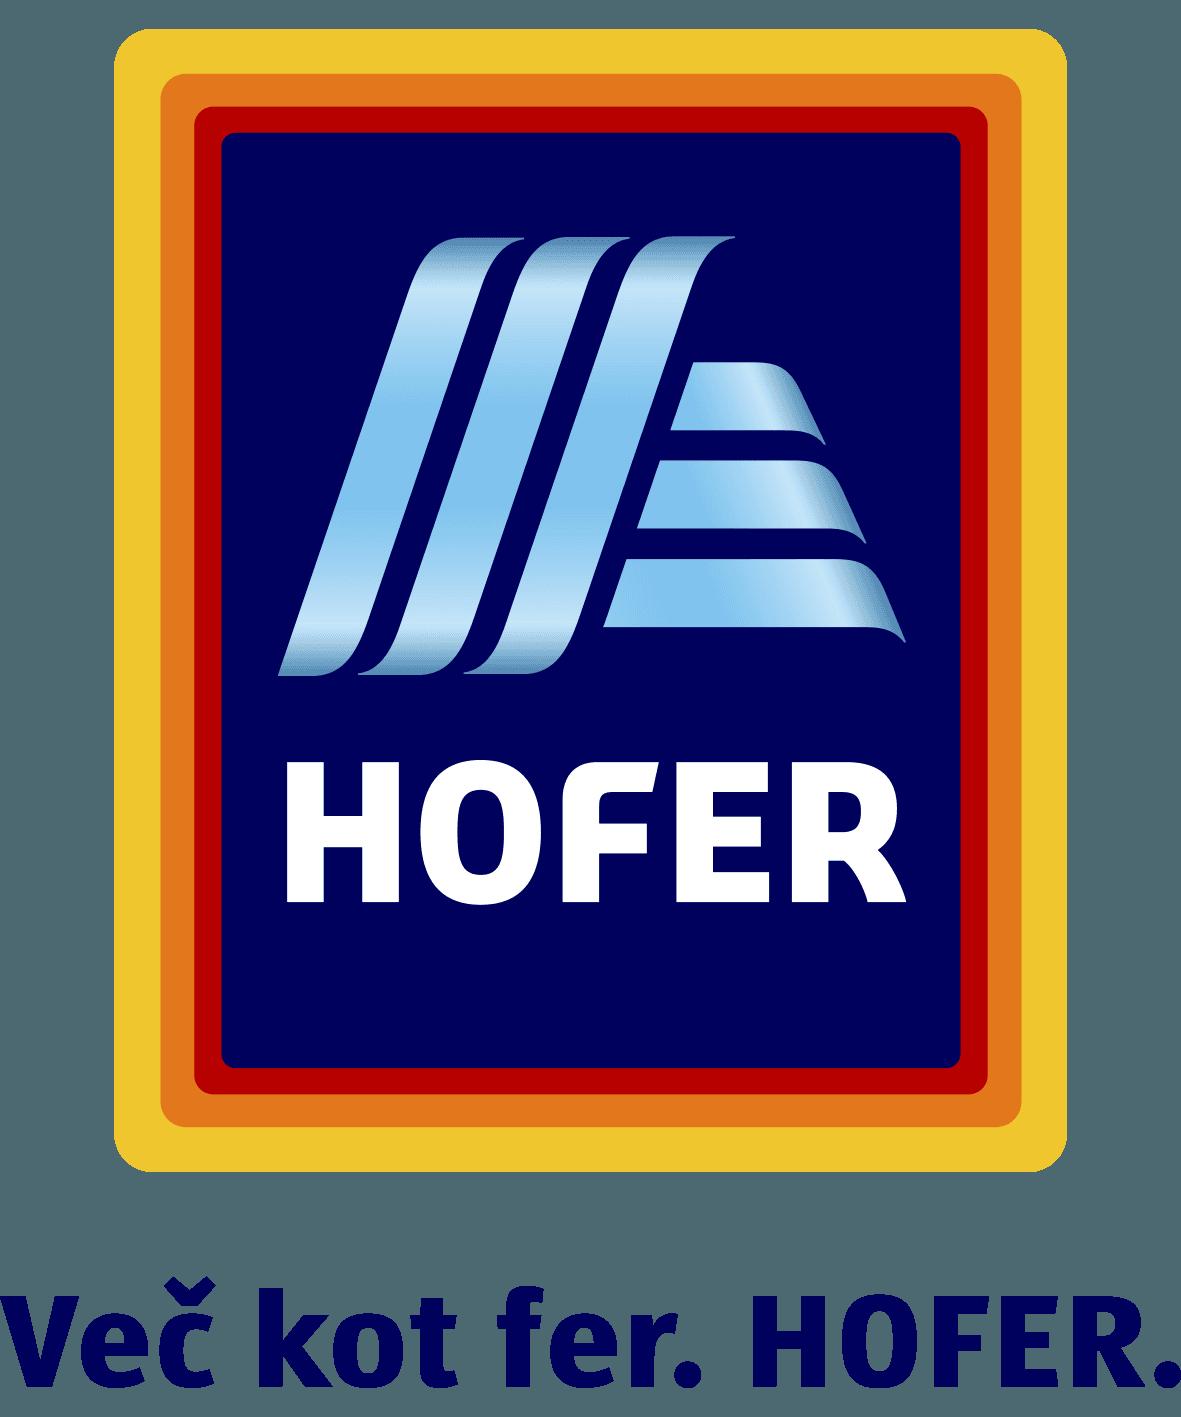 HOFER - uradni partner dogodka